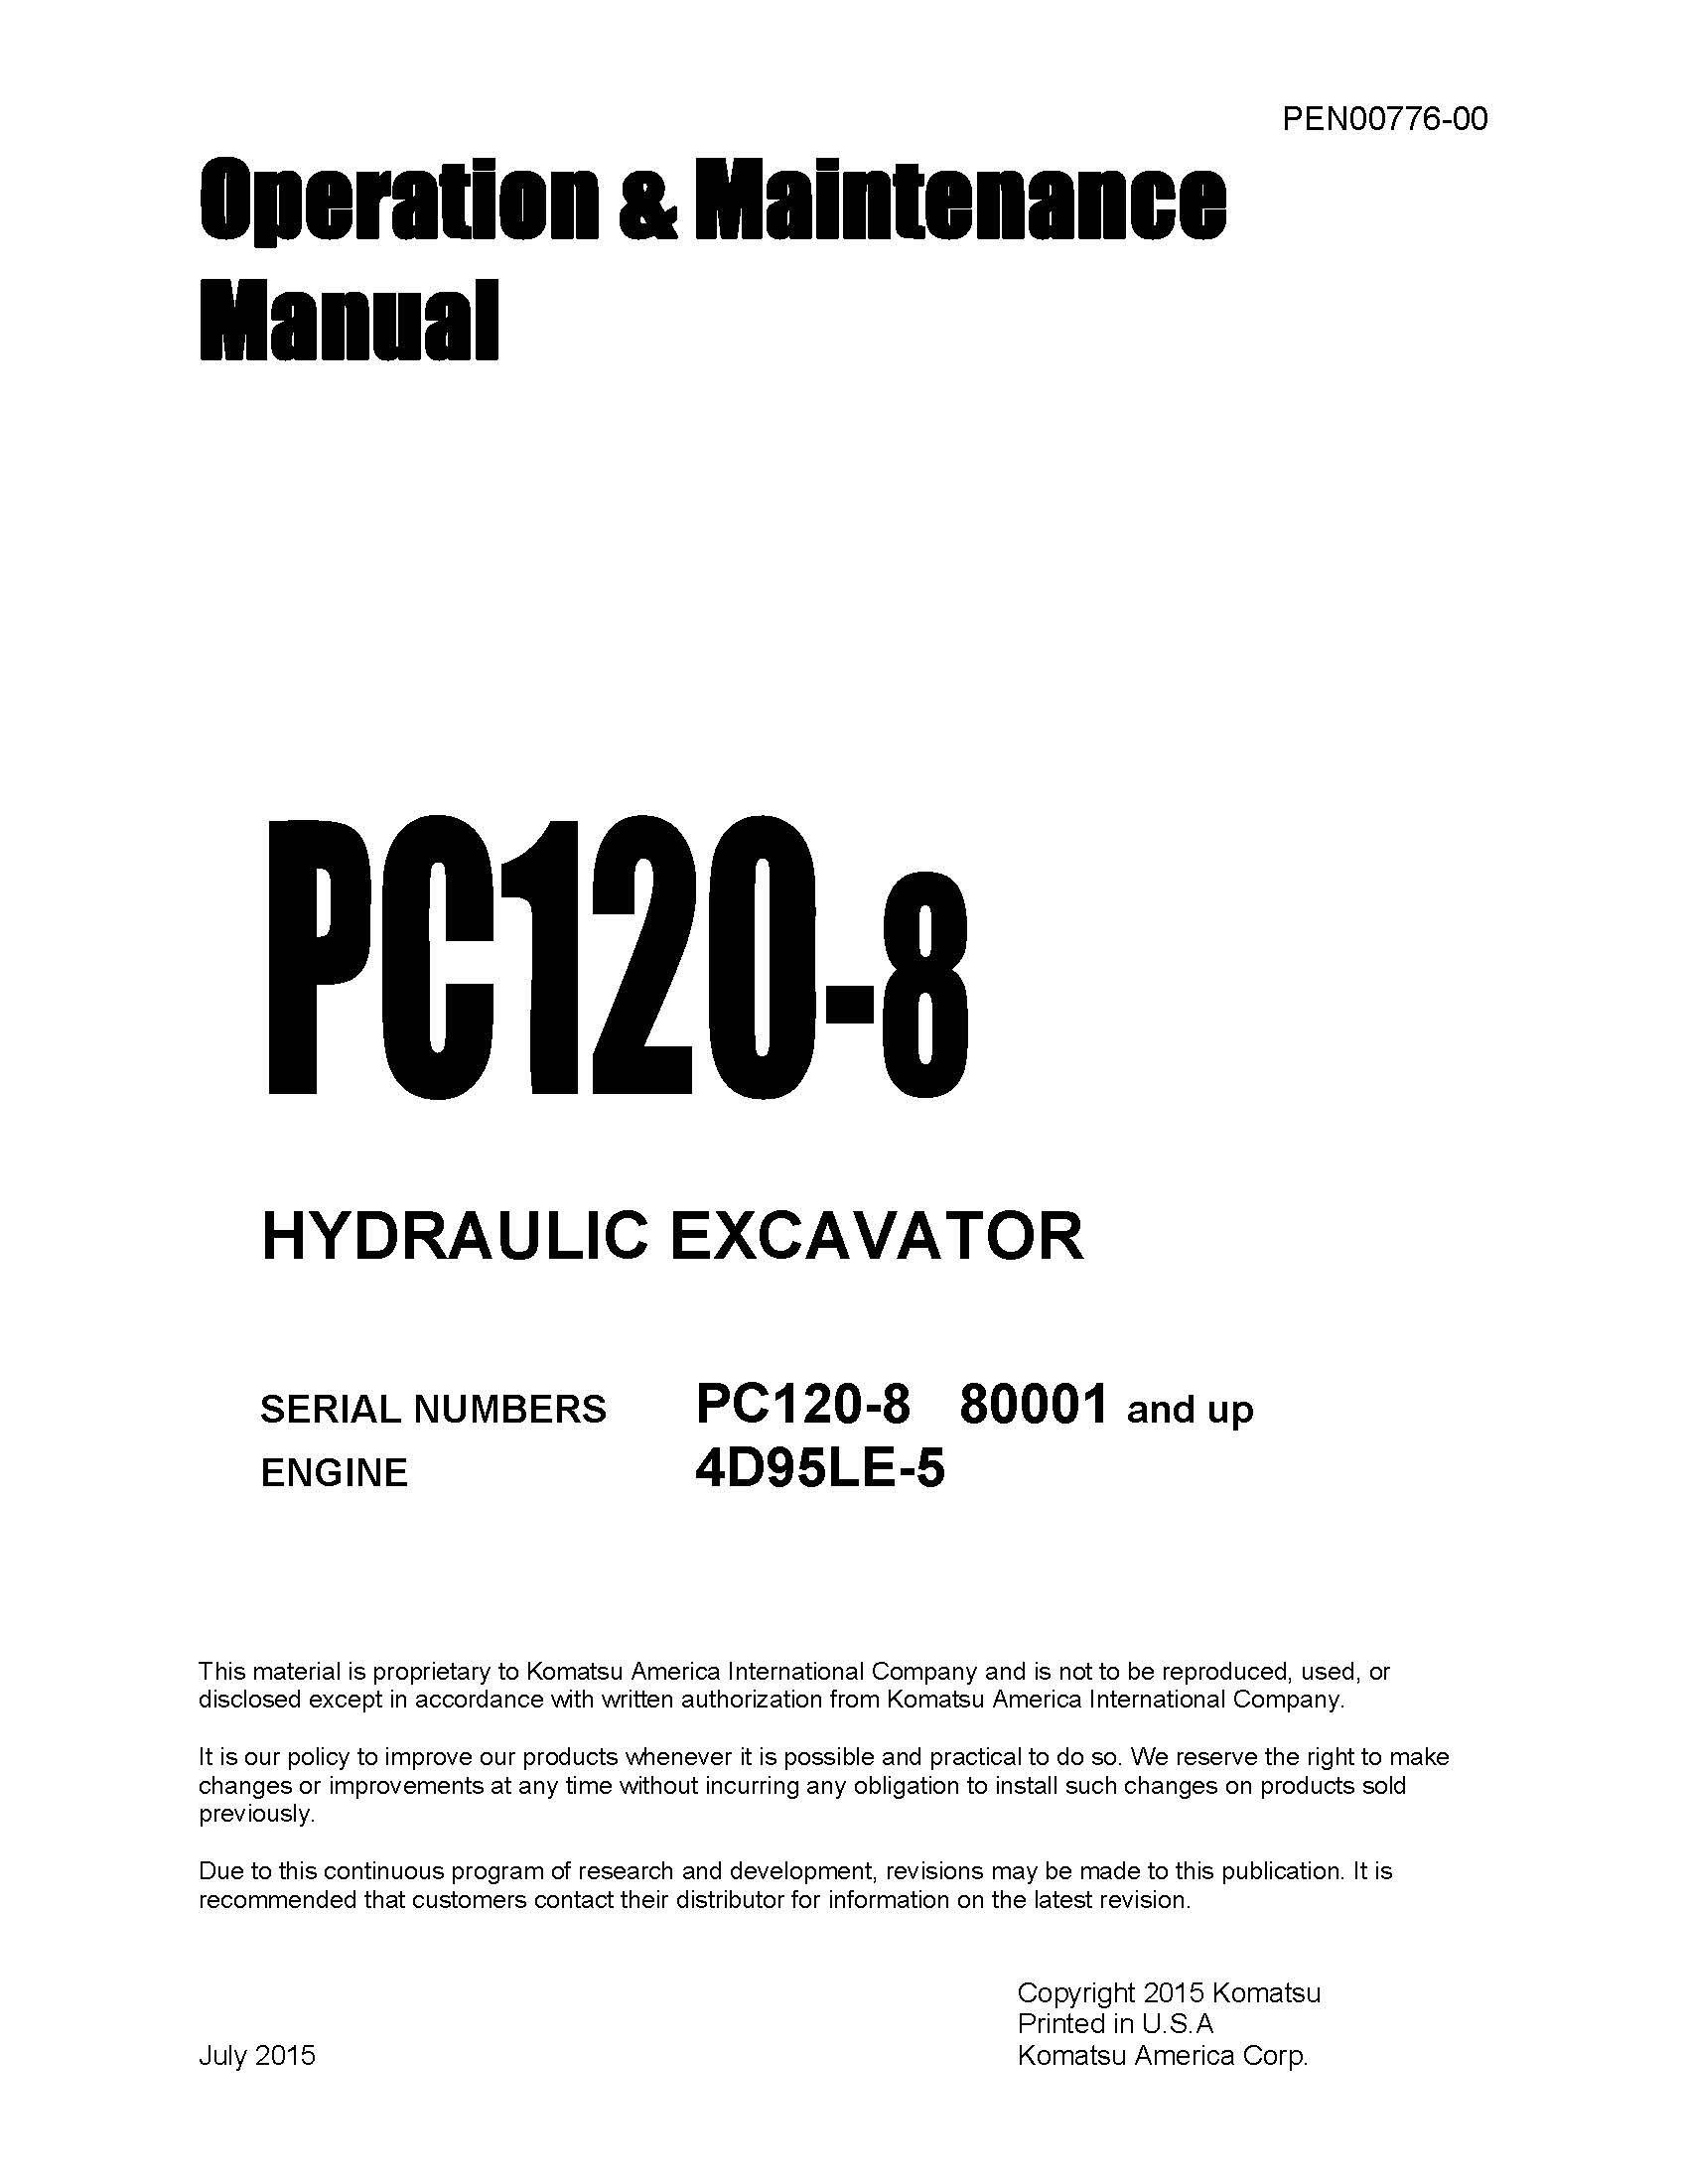 Komatsu Pc120 8 Operation Maintenance Manual Pdf Download Service Manual Repair Manual Pdf Download Operation And Maintenance Komatsu Repair Manuals